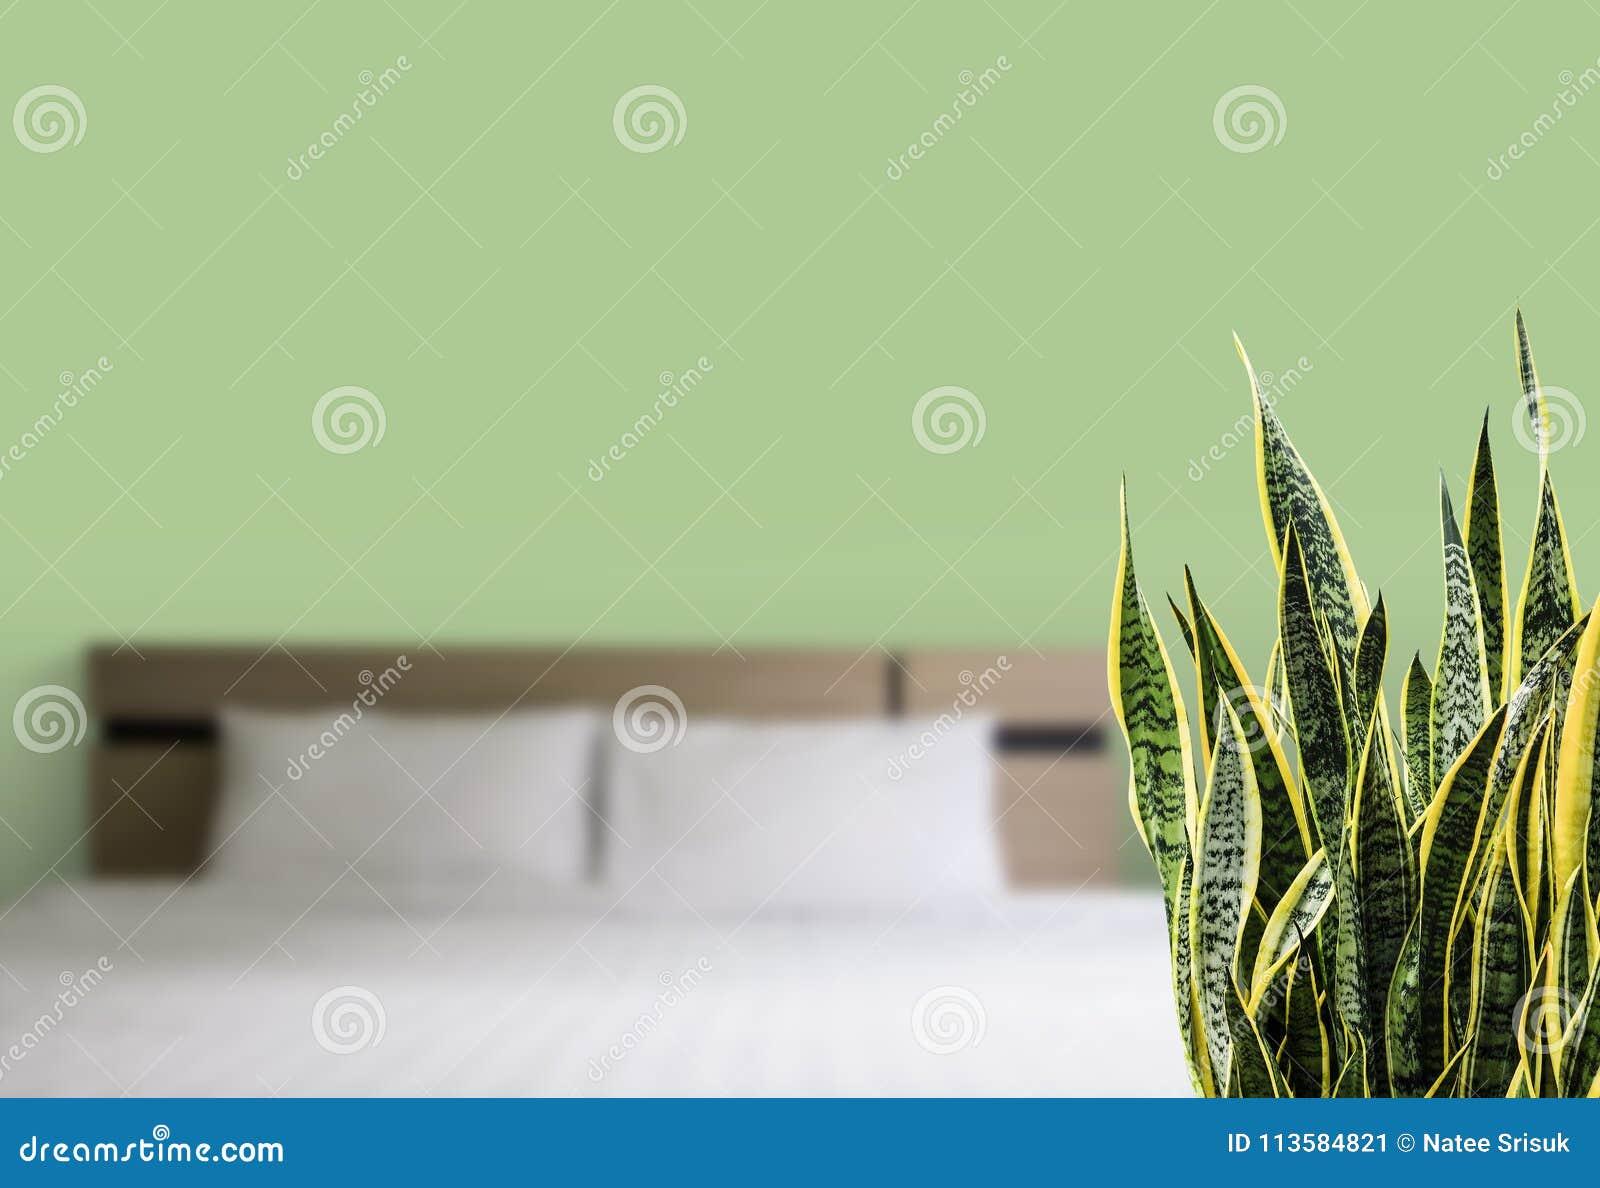 Trifasciata Di Sansevieria O Pianta Di Serpente Nella Camera Da Letto Immagine Stock Immagine Di Naughty Verde 113584821